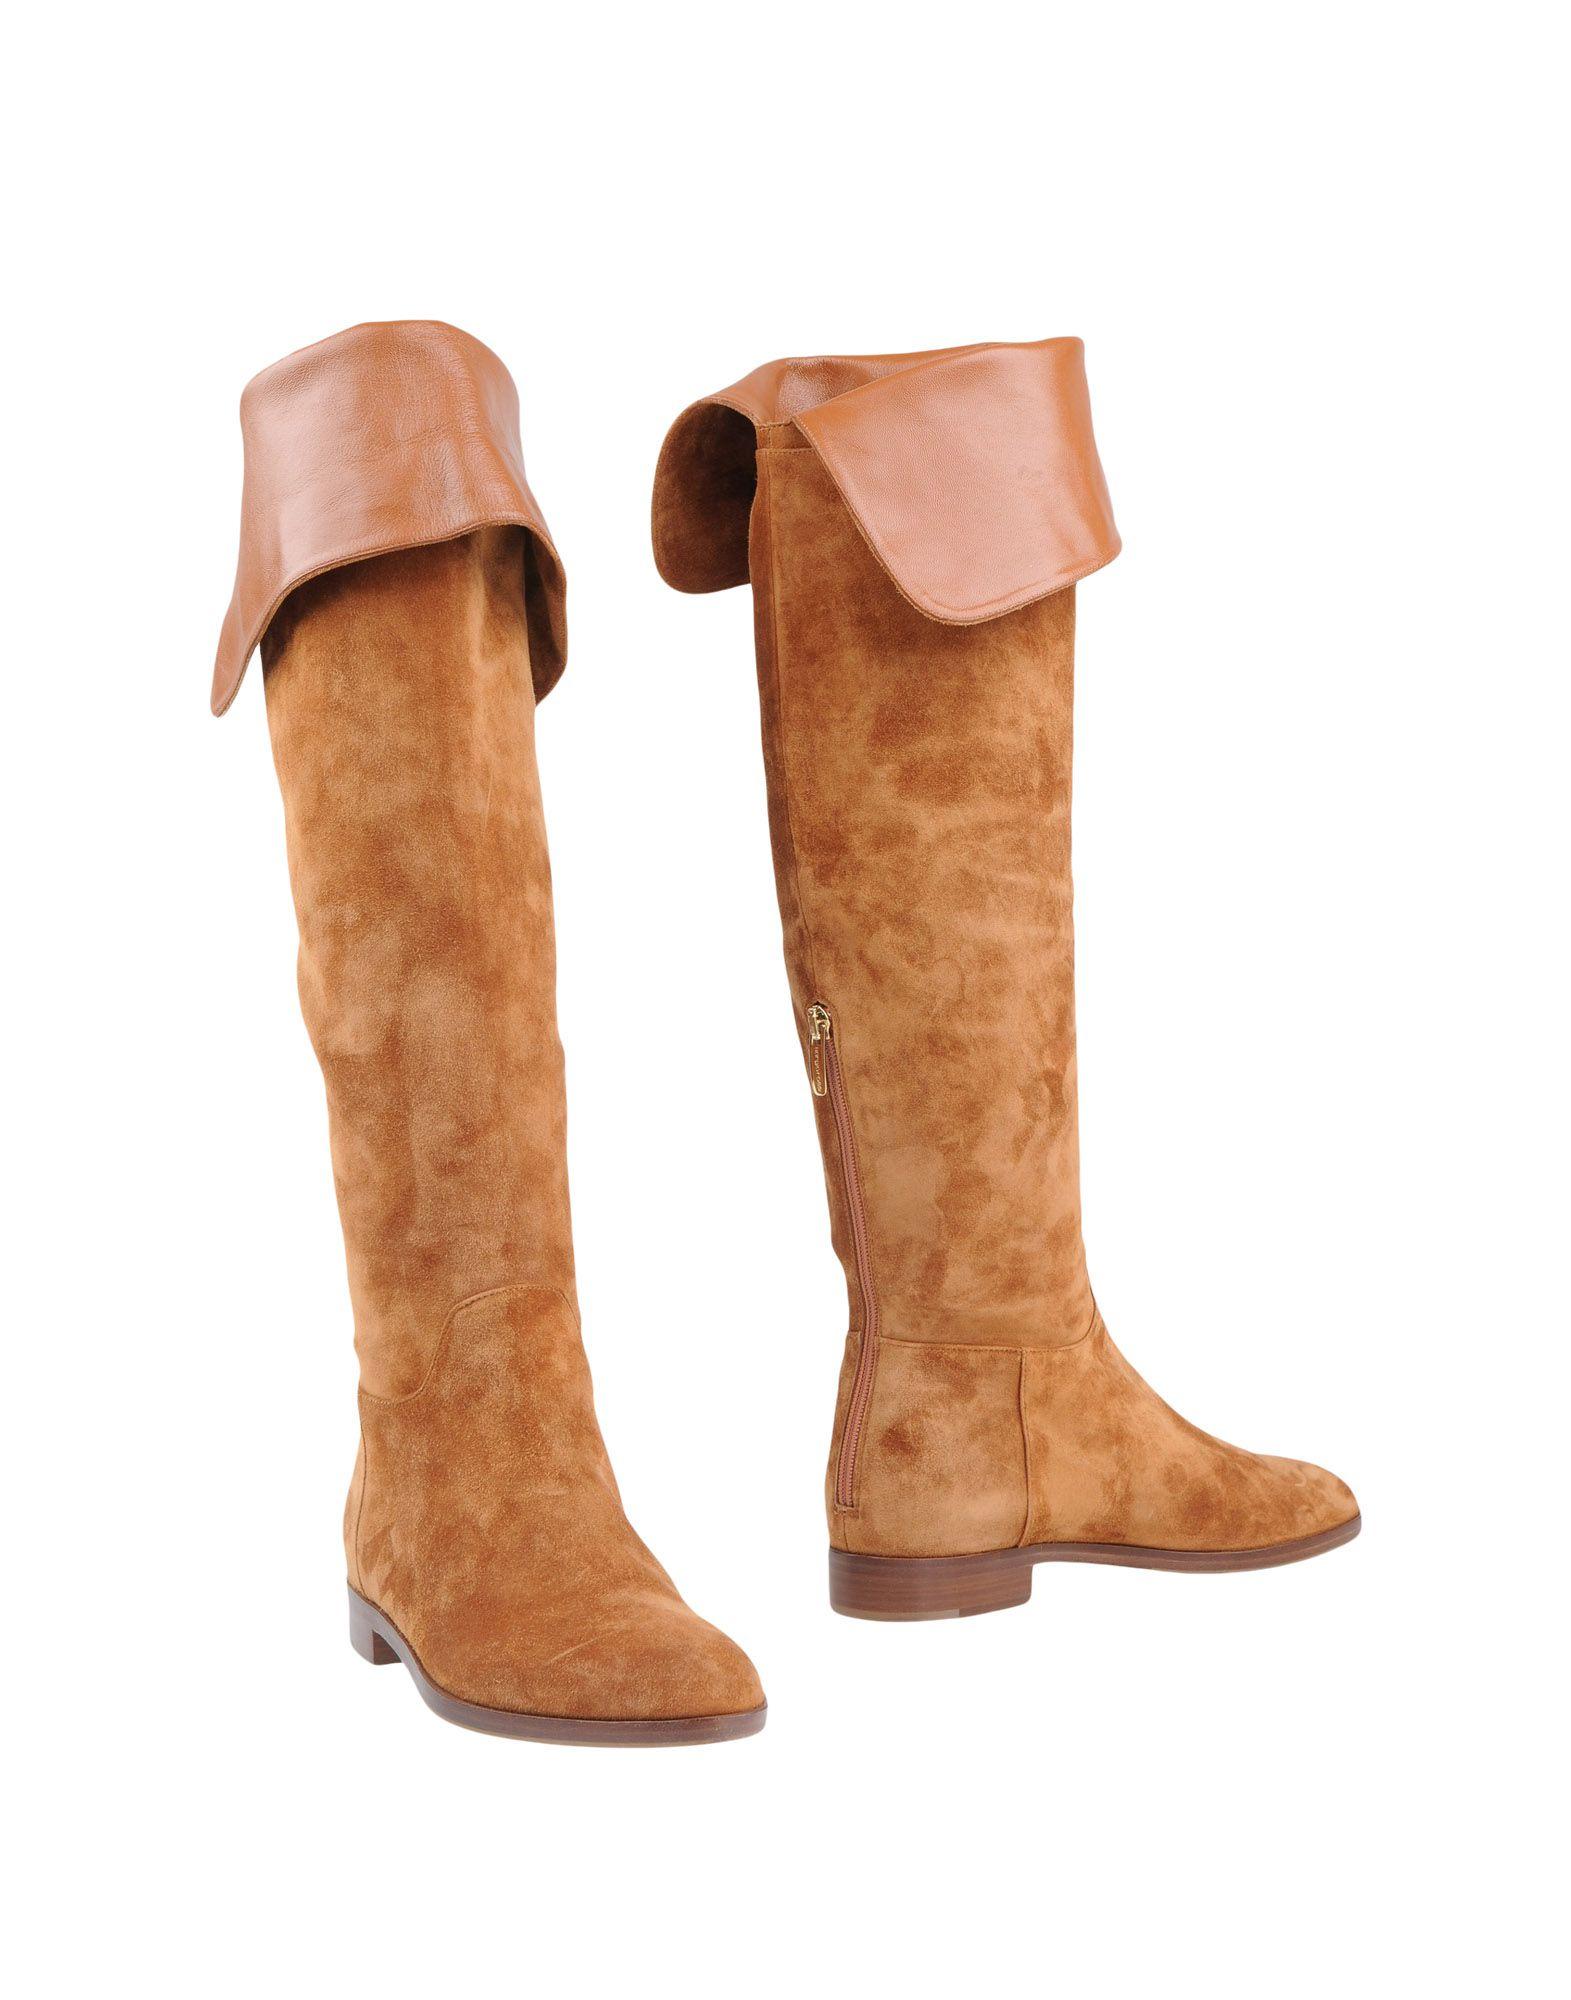 Sergio Rossi Boots - Women Sergio Rossi Boots online on 11319739QF  United Kingdom - 11319739QF on 1e6e75